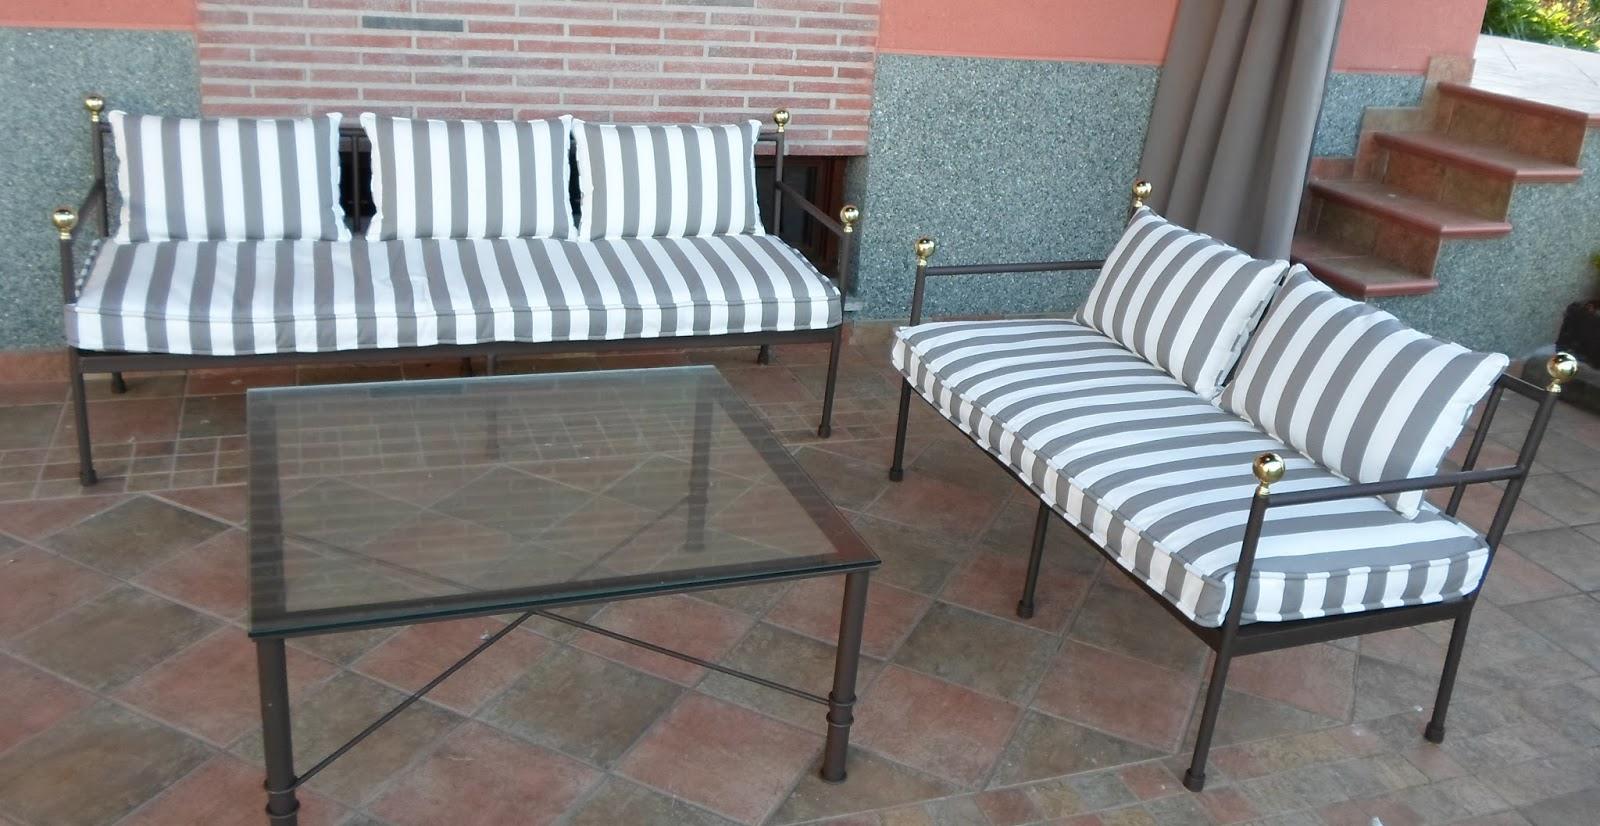 Tapicer a carrasco asturias redecora tu terraza este verano - Cojines muebles exterior ...